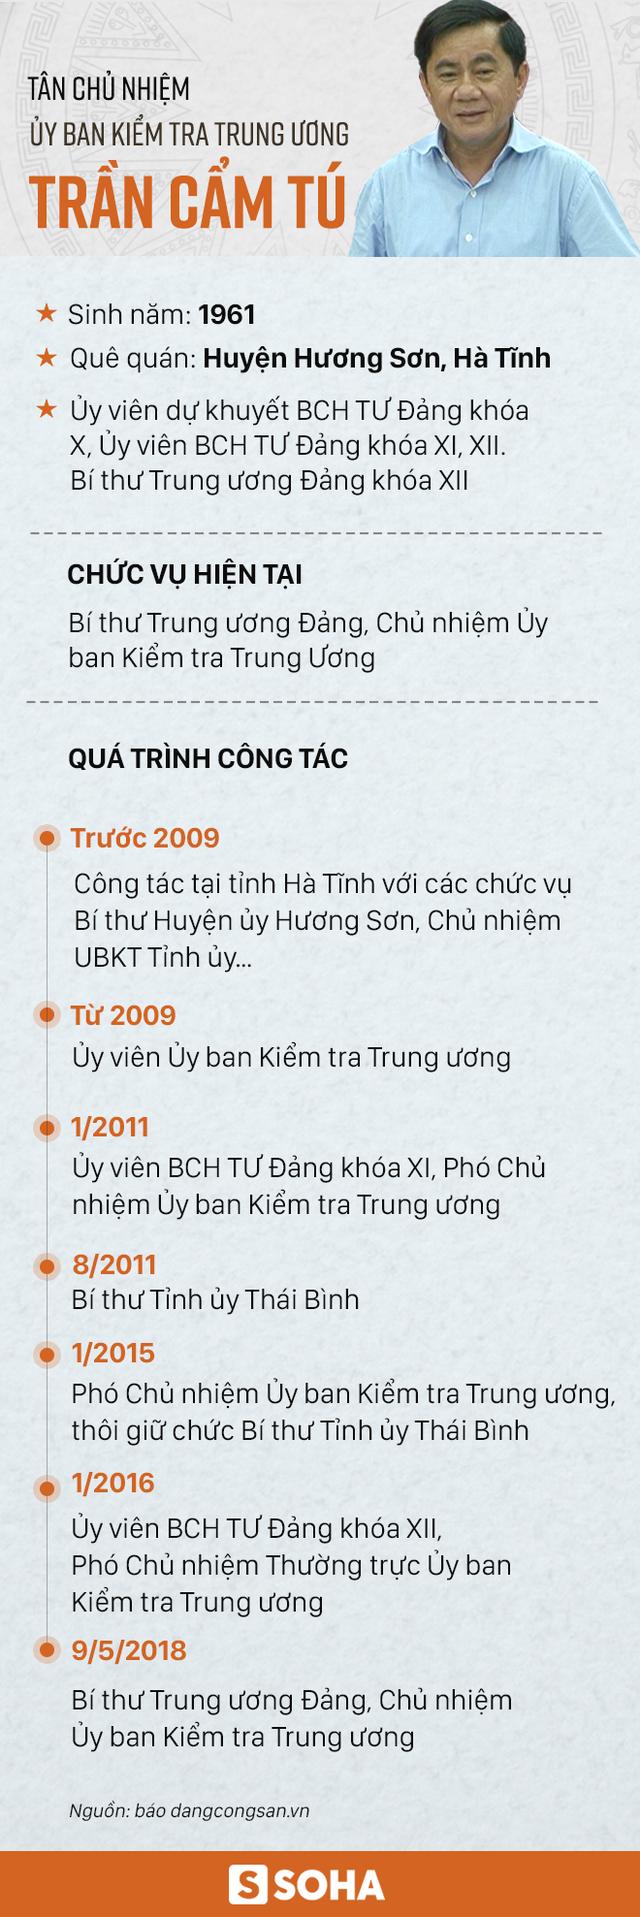 Ông Trần Cẩm Tú được bầu làm Chủ nhiệm Ủy ban Kiểm tra Trung ương - Ảnh 1.